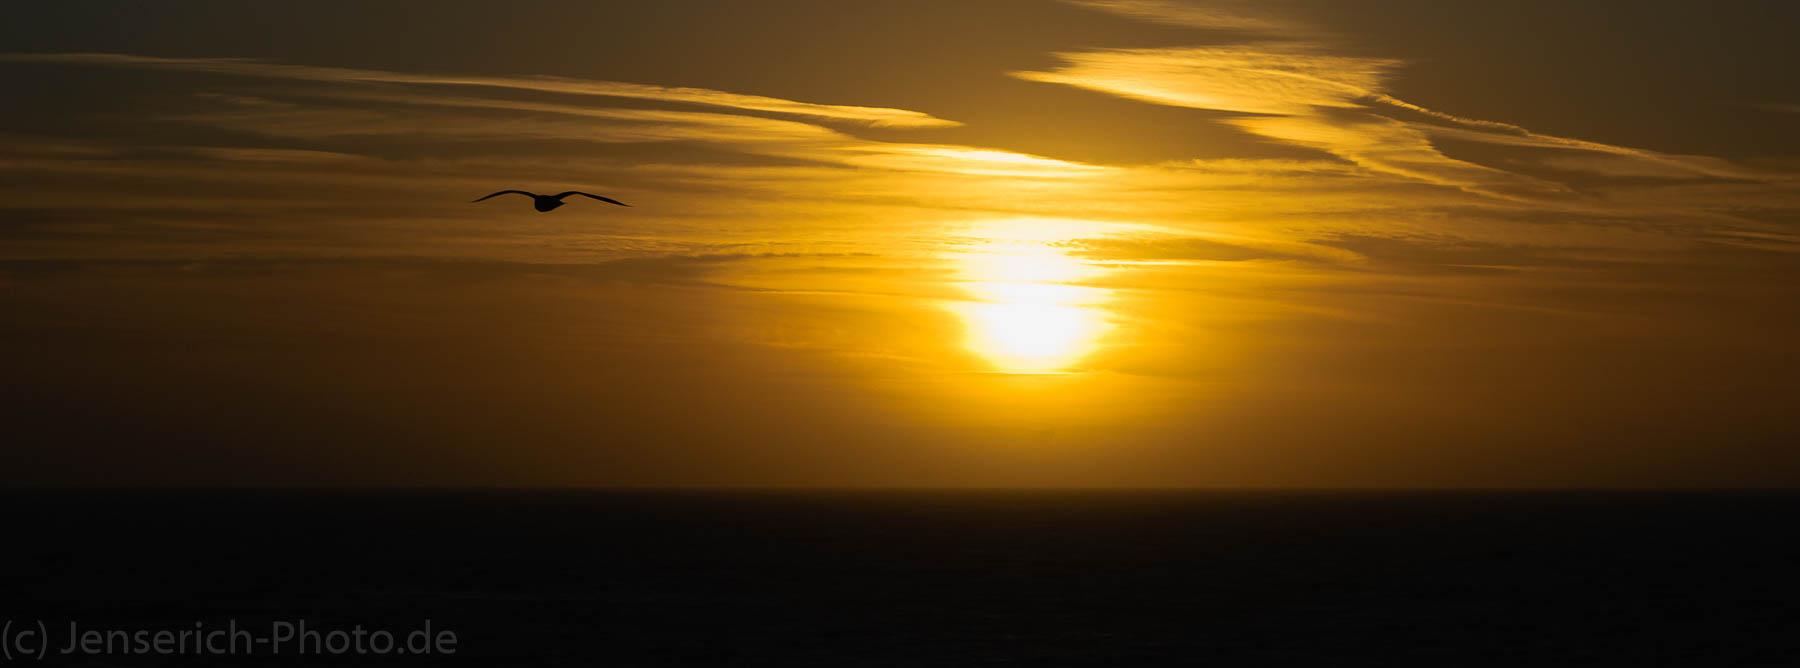 Eine Möwe im Sonnenuntergang an der Nordsee